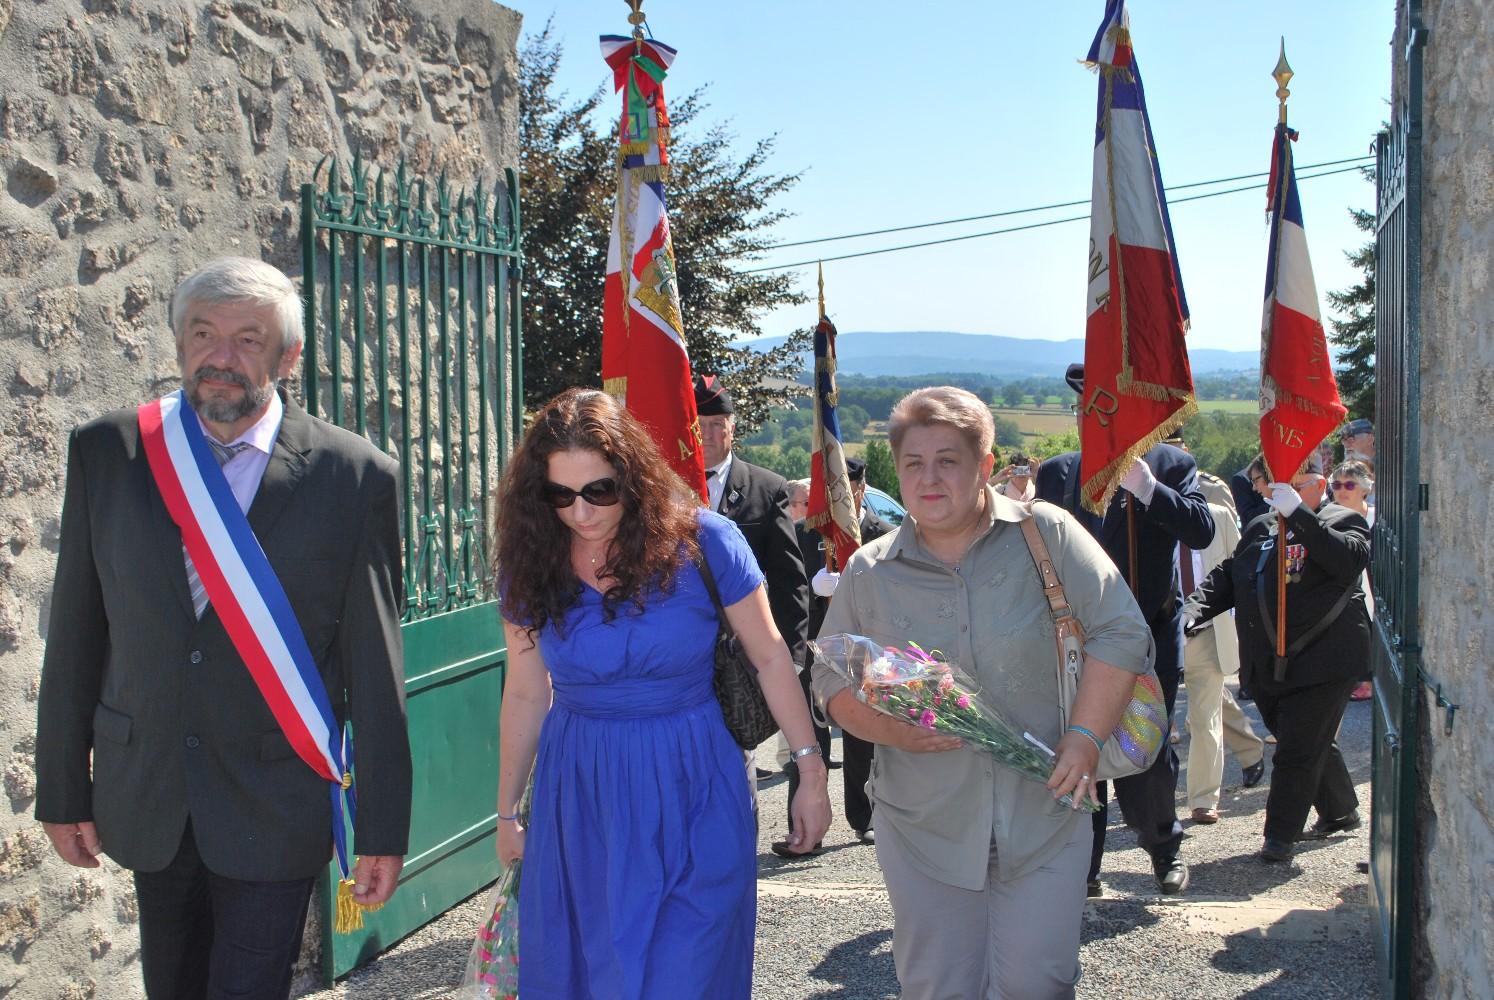 Entrée au cimetière du maire de Poil avec Natalia Khantsevich et Irina Tcherkasova